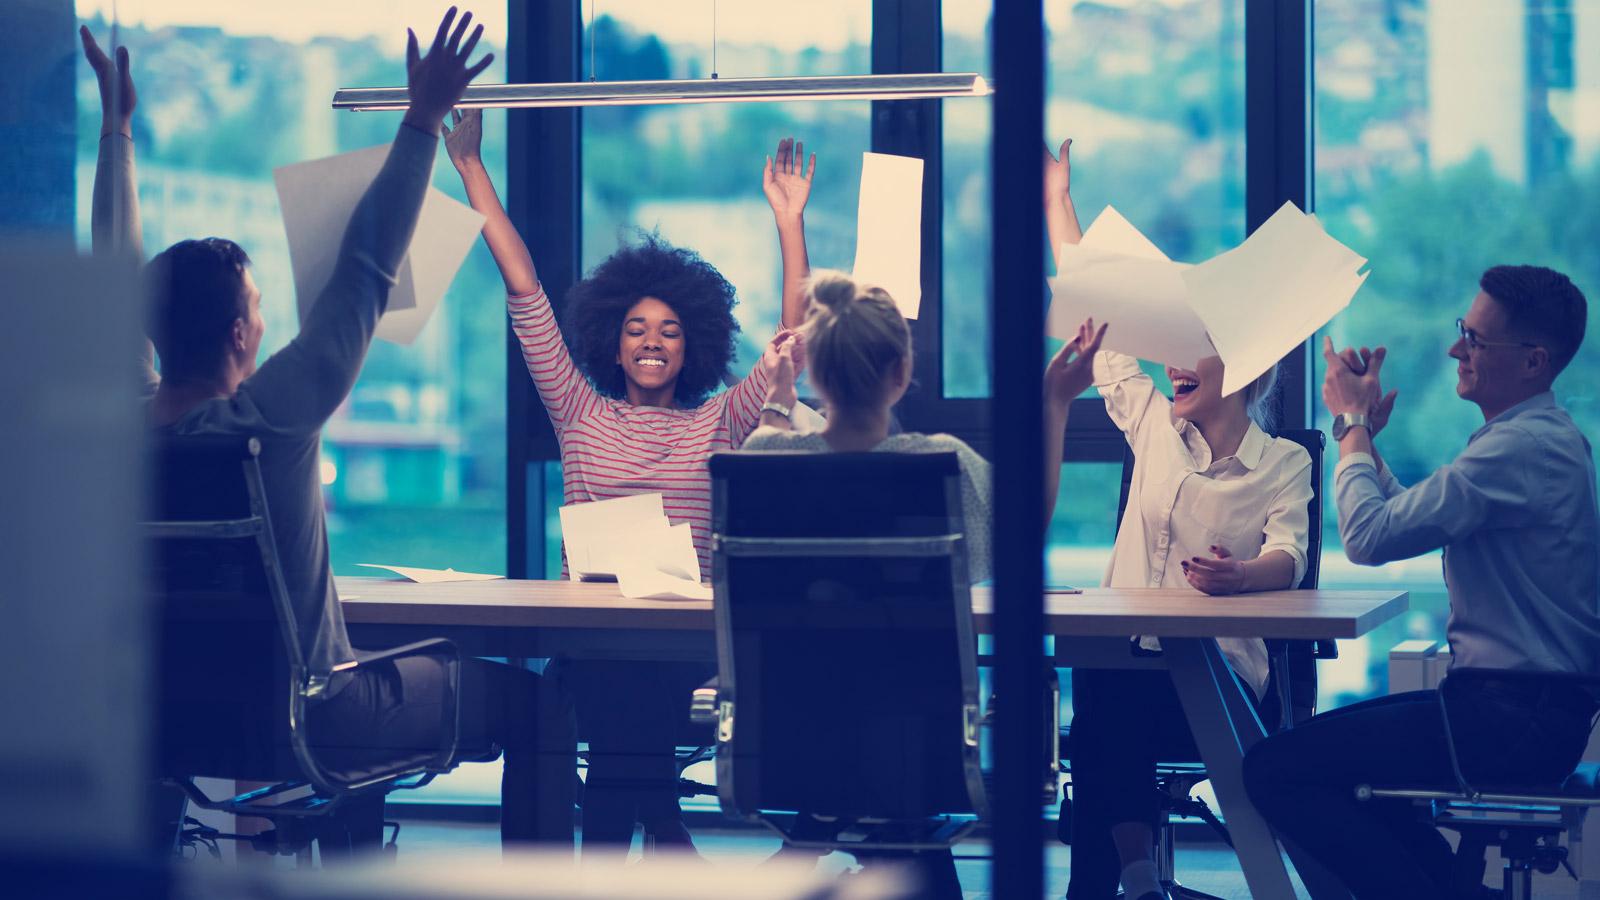 Nowa Grupa Marketingowa na rynku Brandwise mediarun radosc grupa biuro spotkanie 2019